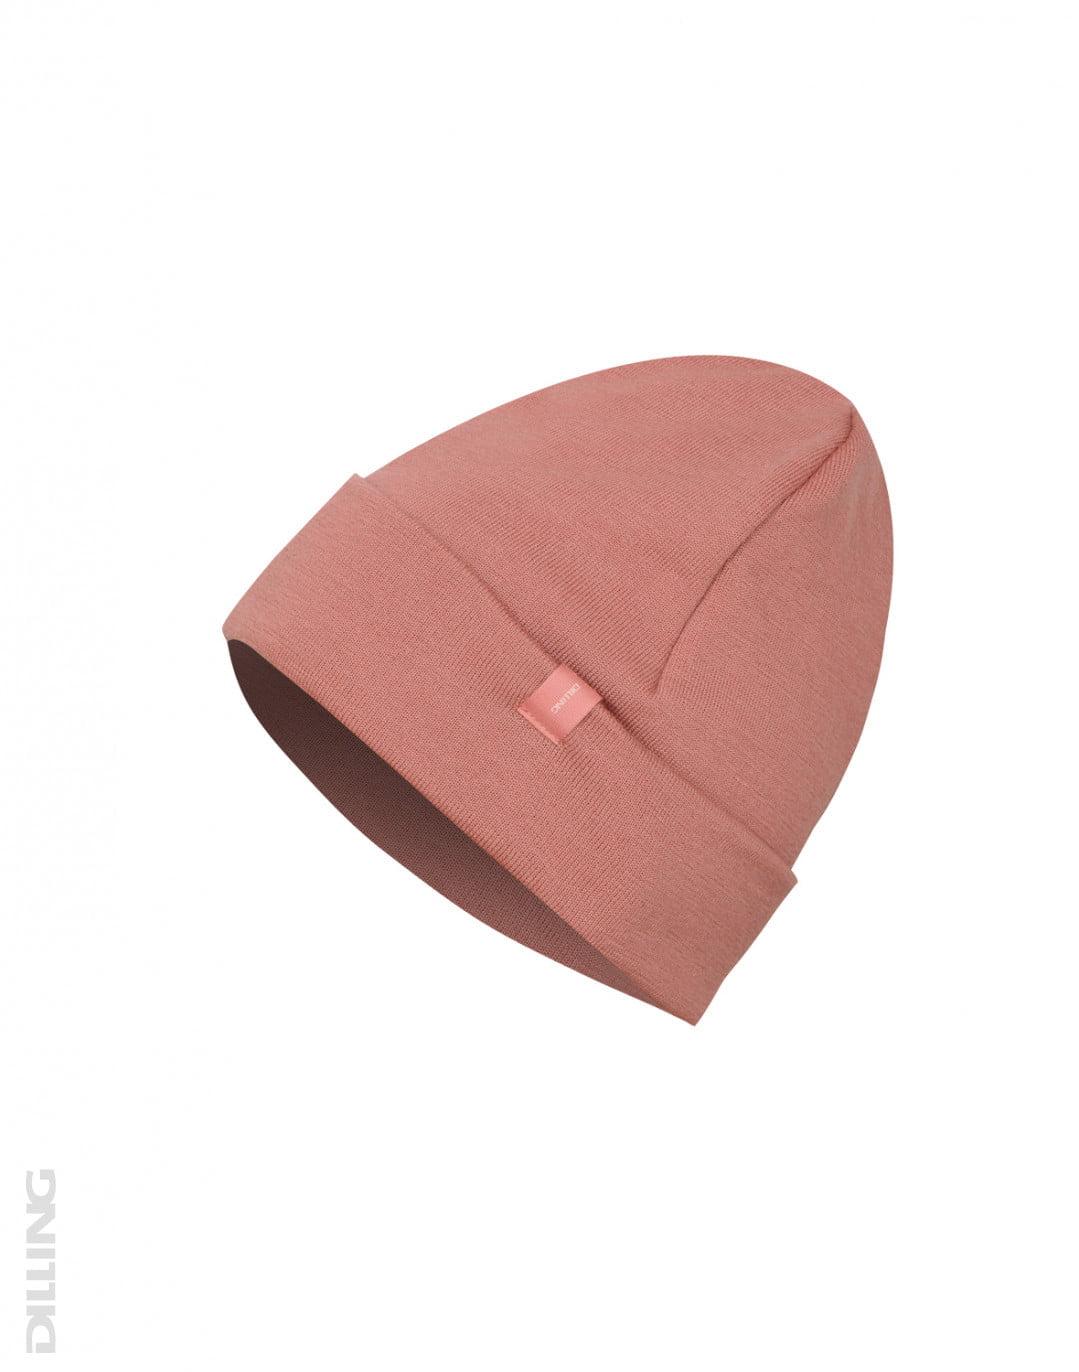 Căciulă beanie din lână merinos organică terry dark pink Dilling